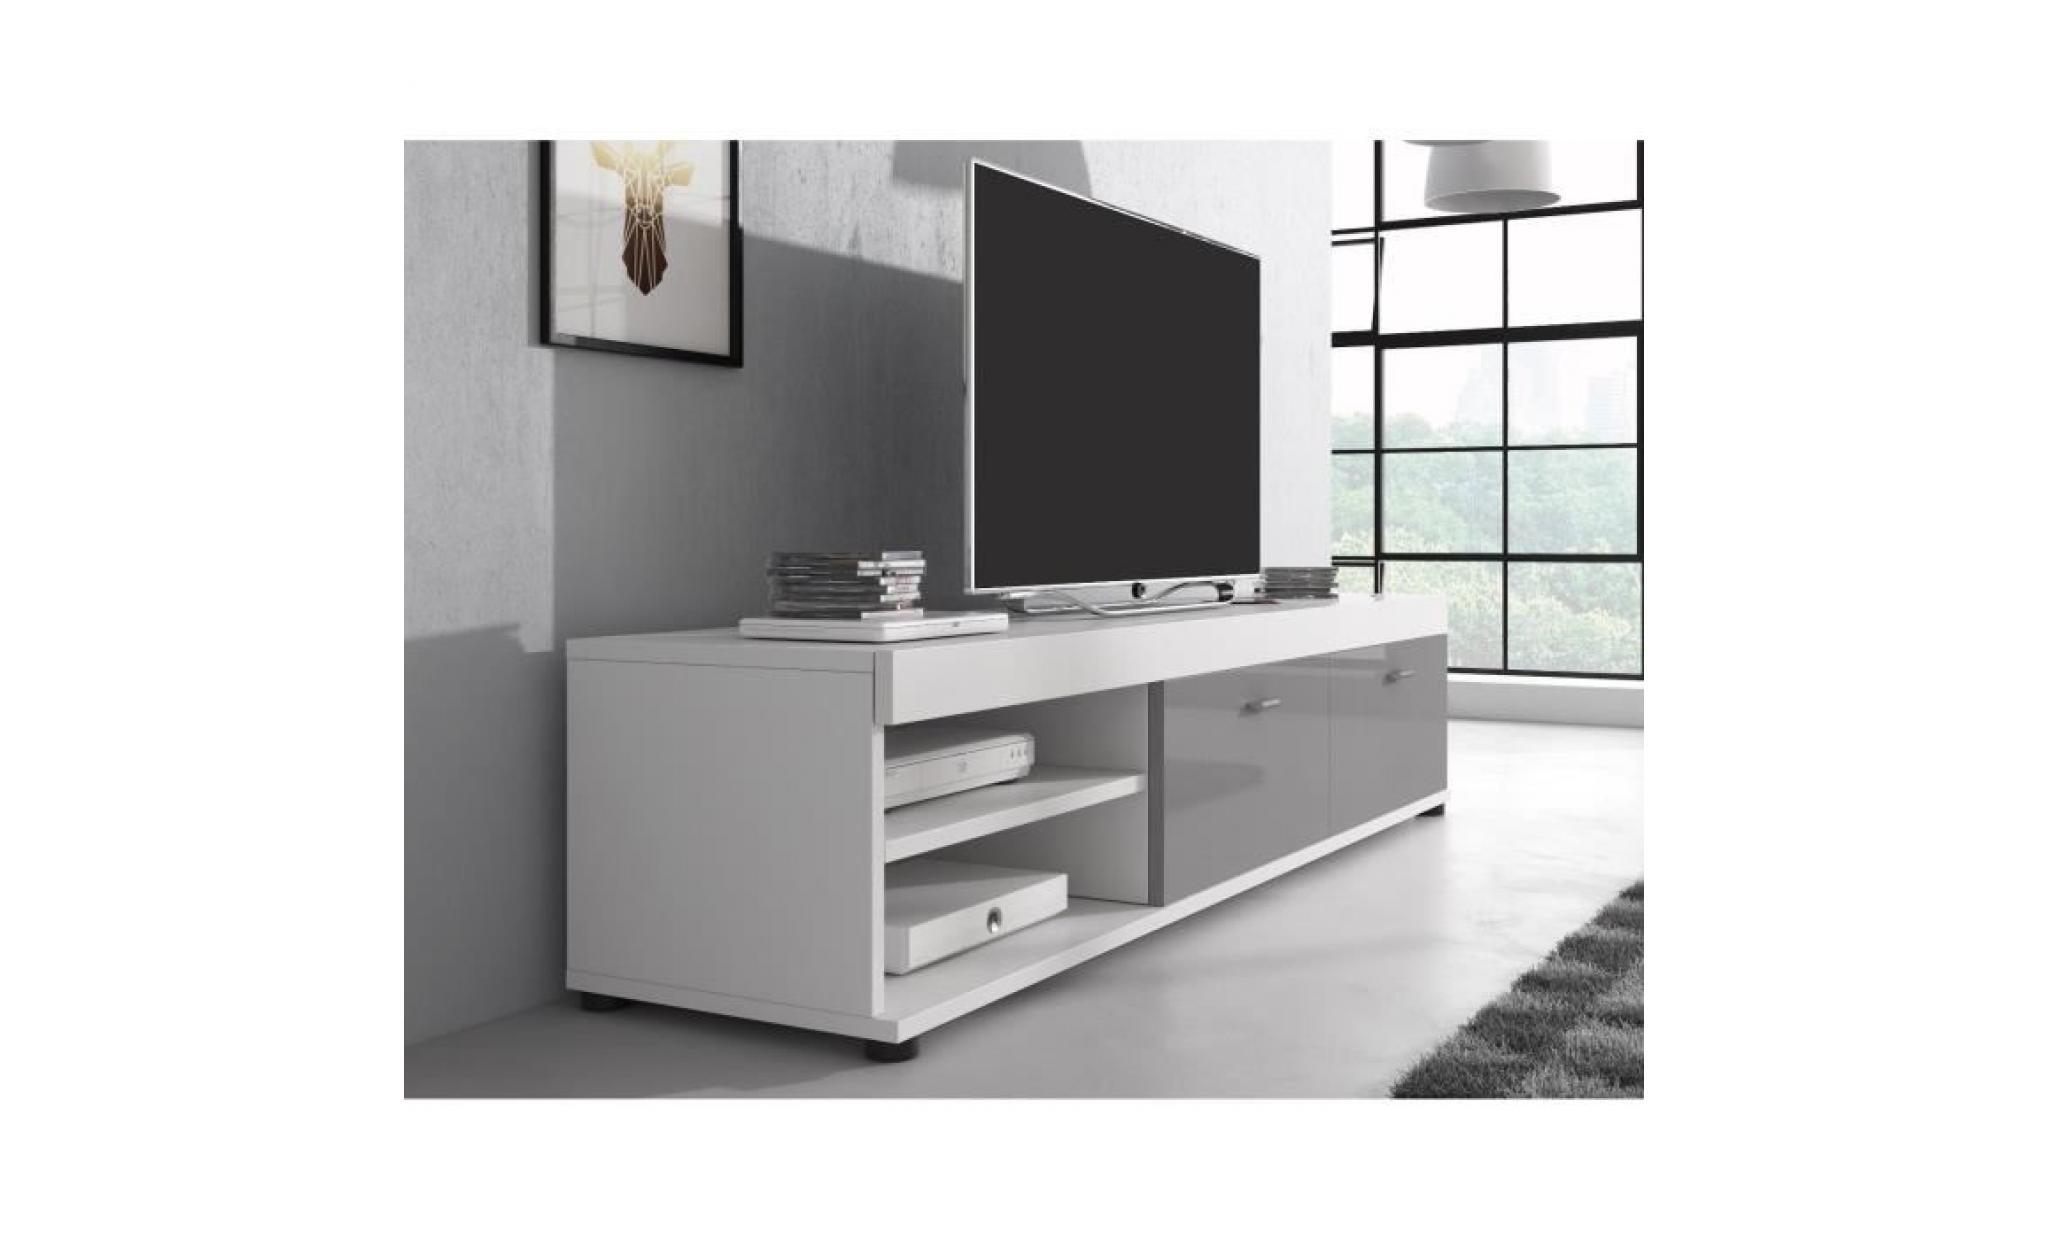 Meuble Tv Blanc Mat Et Gris Laque 140 Cm Achat Vente Meuble Tv Pas Cher Couleur Et Design Fr